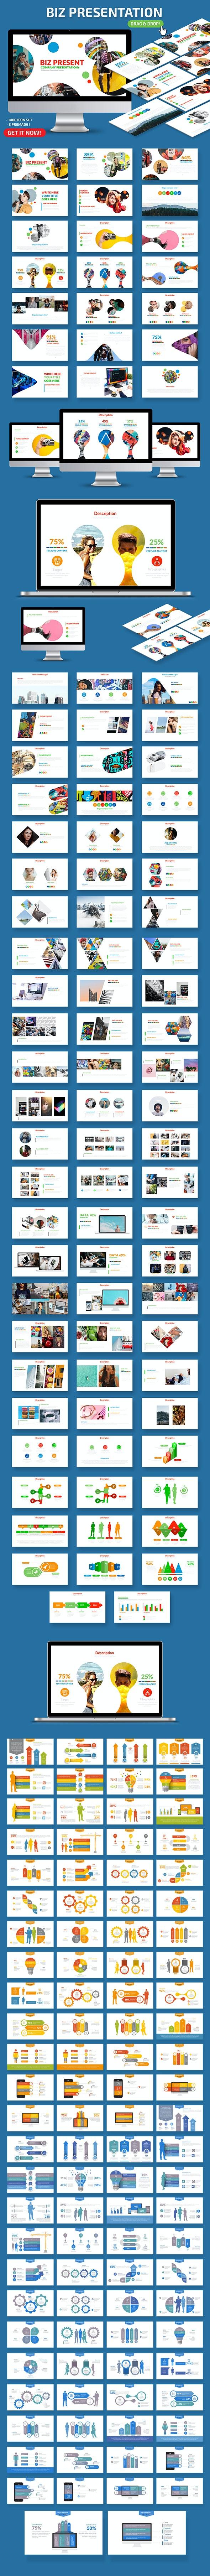 Biz Powerpoint Presentation - PowerPoint Templates Presentation Templates